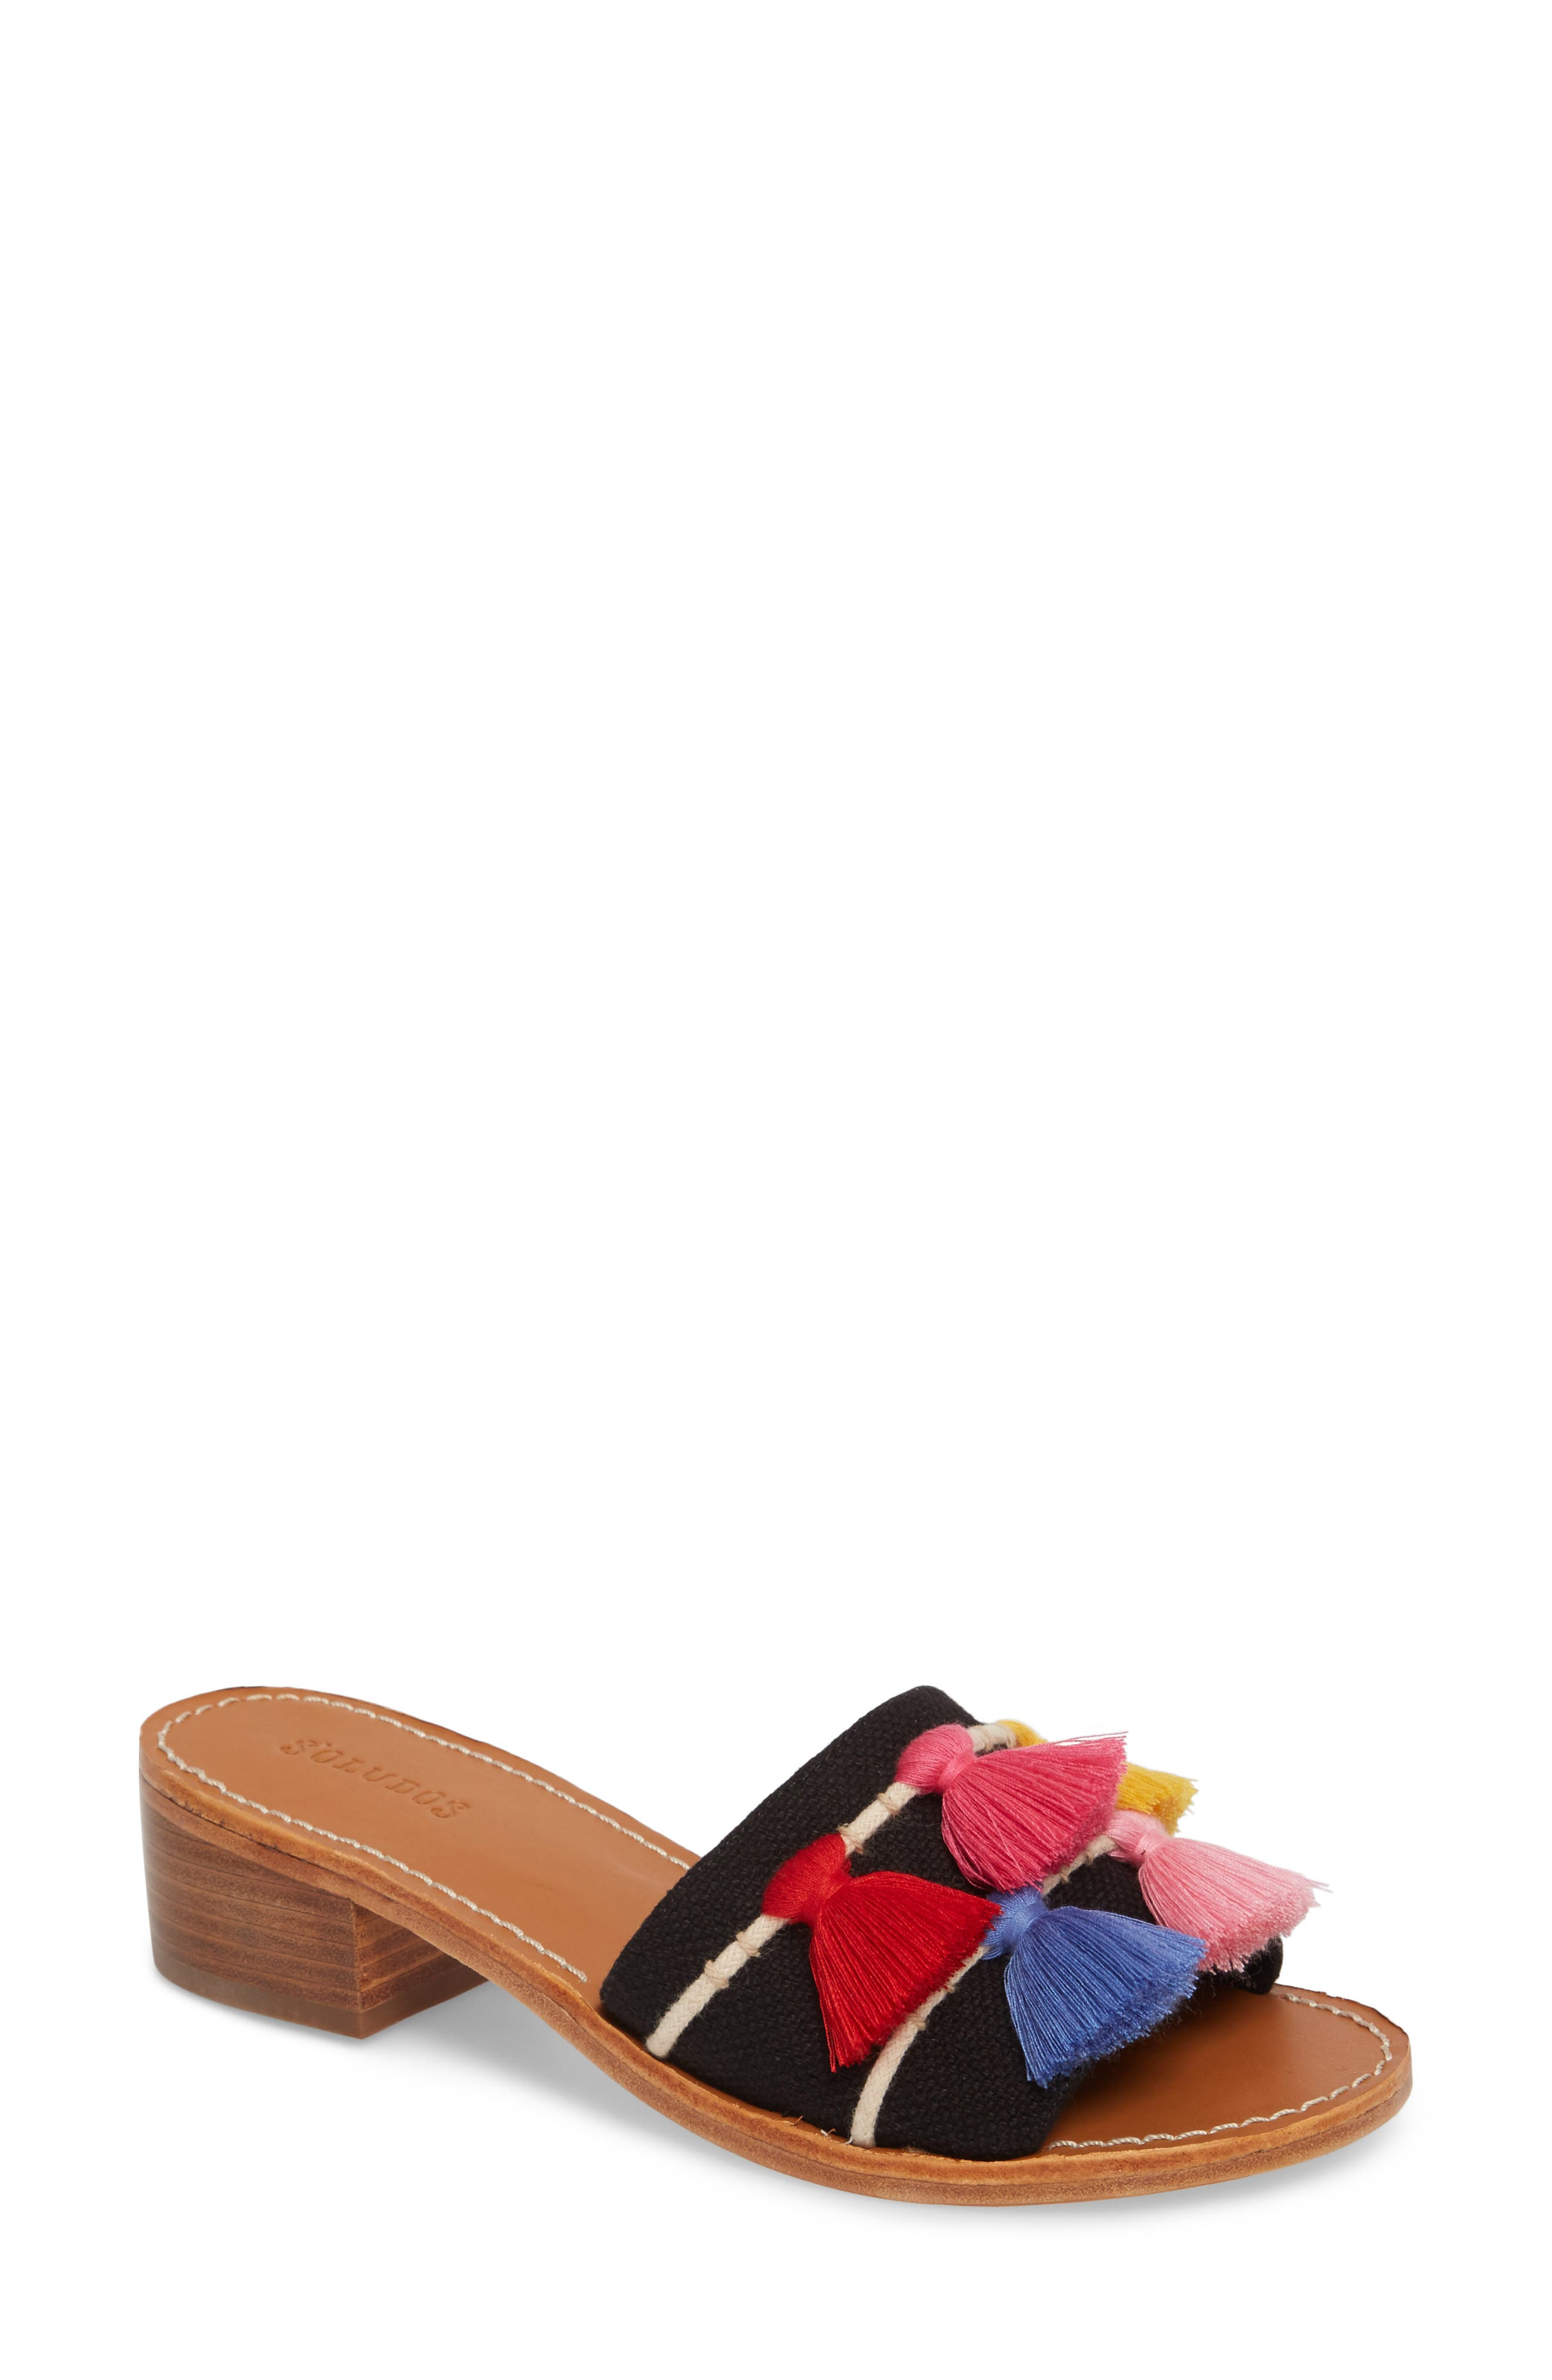 Soludos Tassel City Sandal (Women)